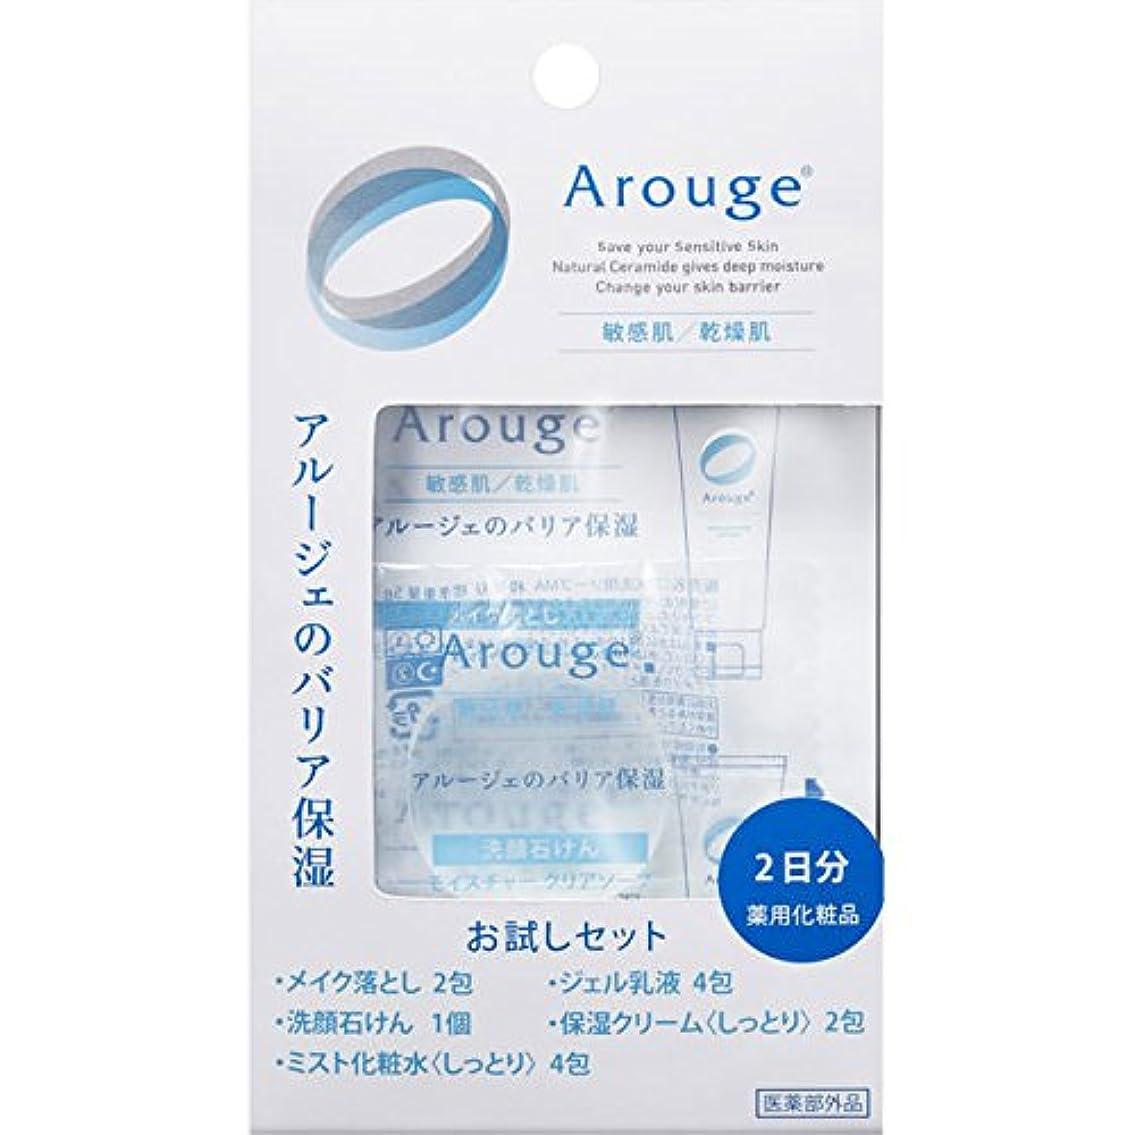 ペースメディカル送料全薬工業 アルージェ お試しセット 5種 (医薬部外品)